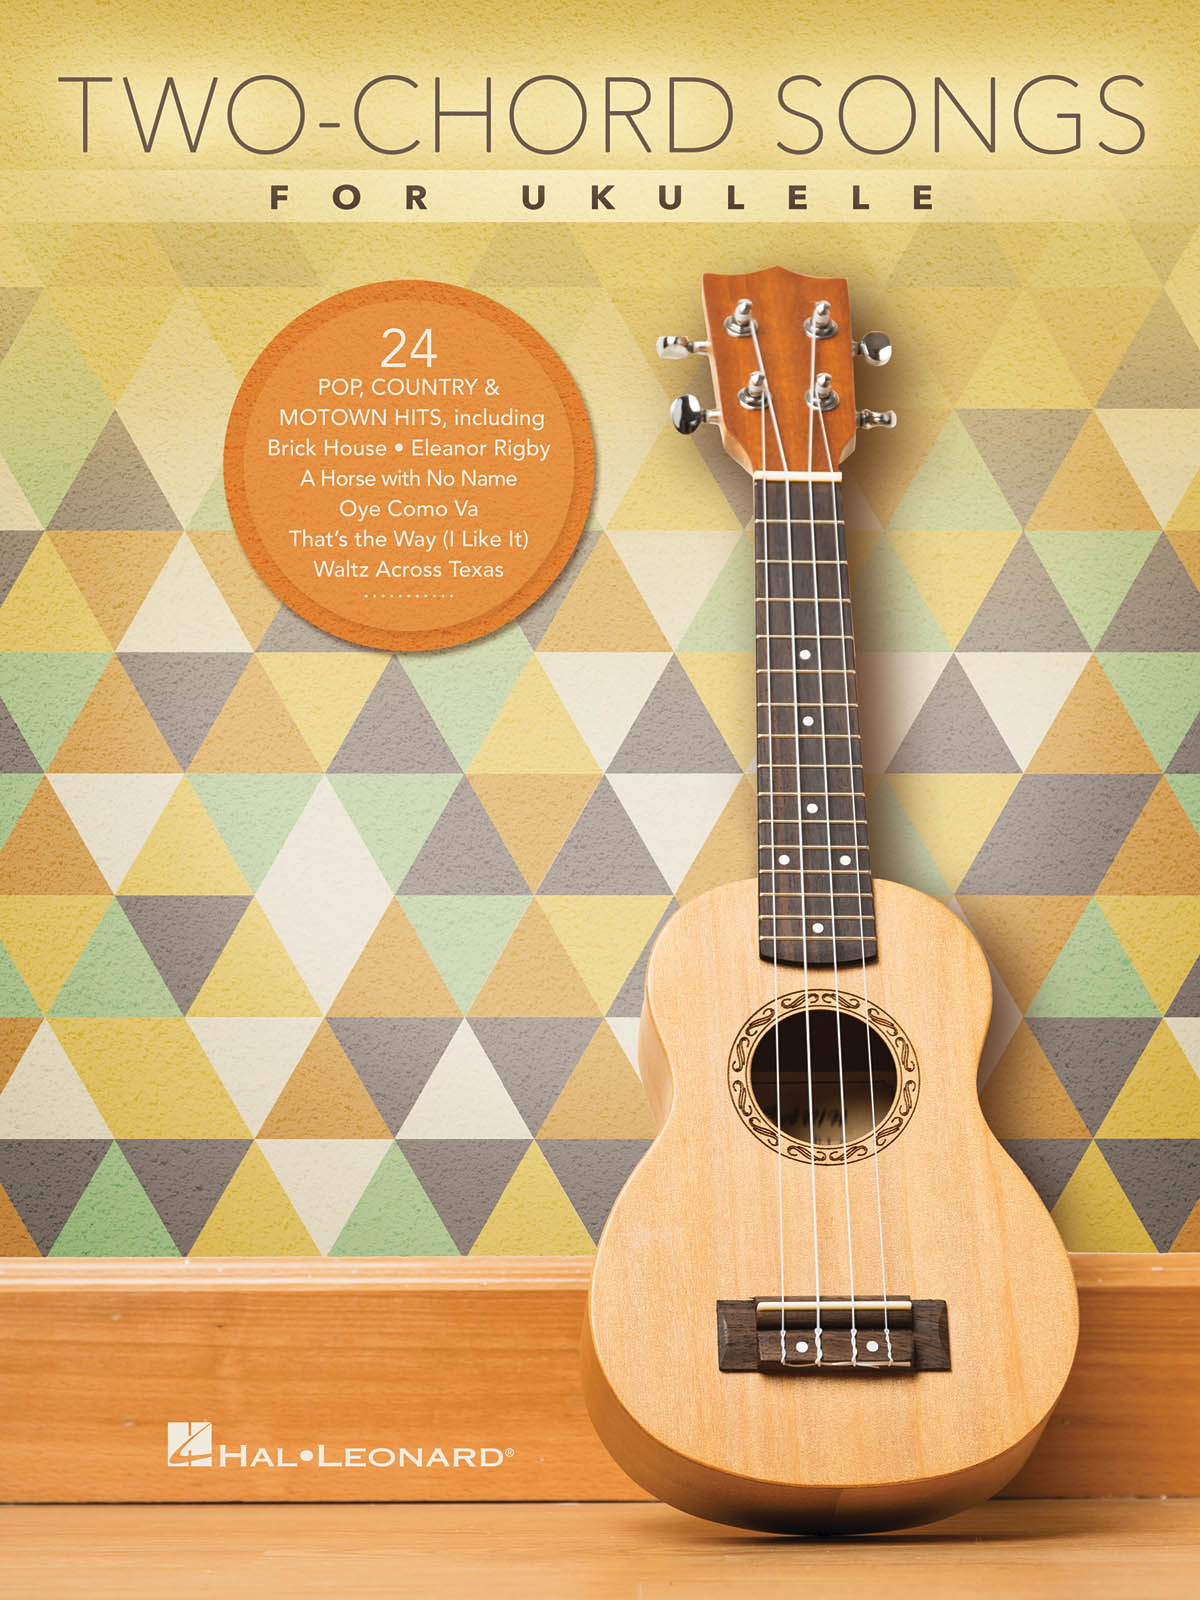 Two-chord songs for ukulele: Ukulele Solo: Instrumental Album